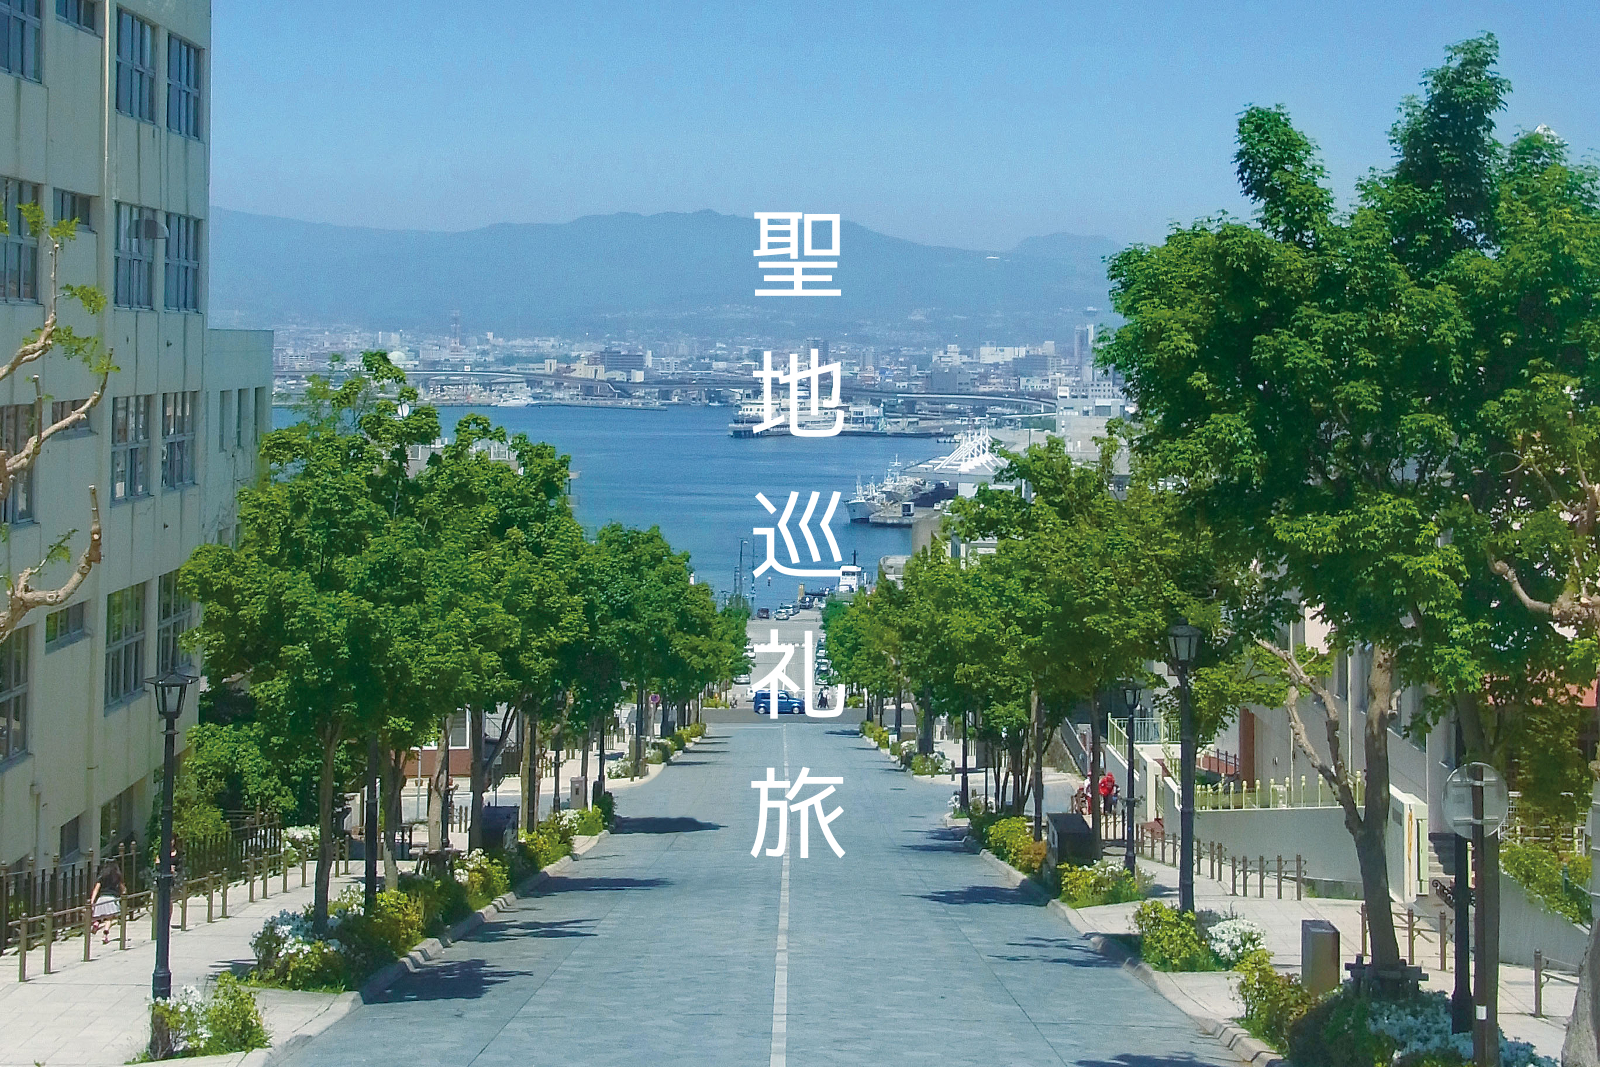 いま北海道の聖地巡礼がアツい!都道府県別ランキングで北海道が1位に